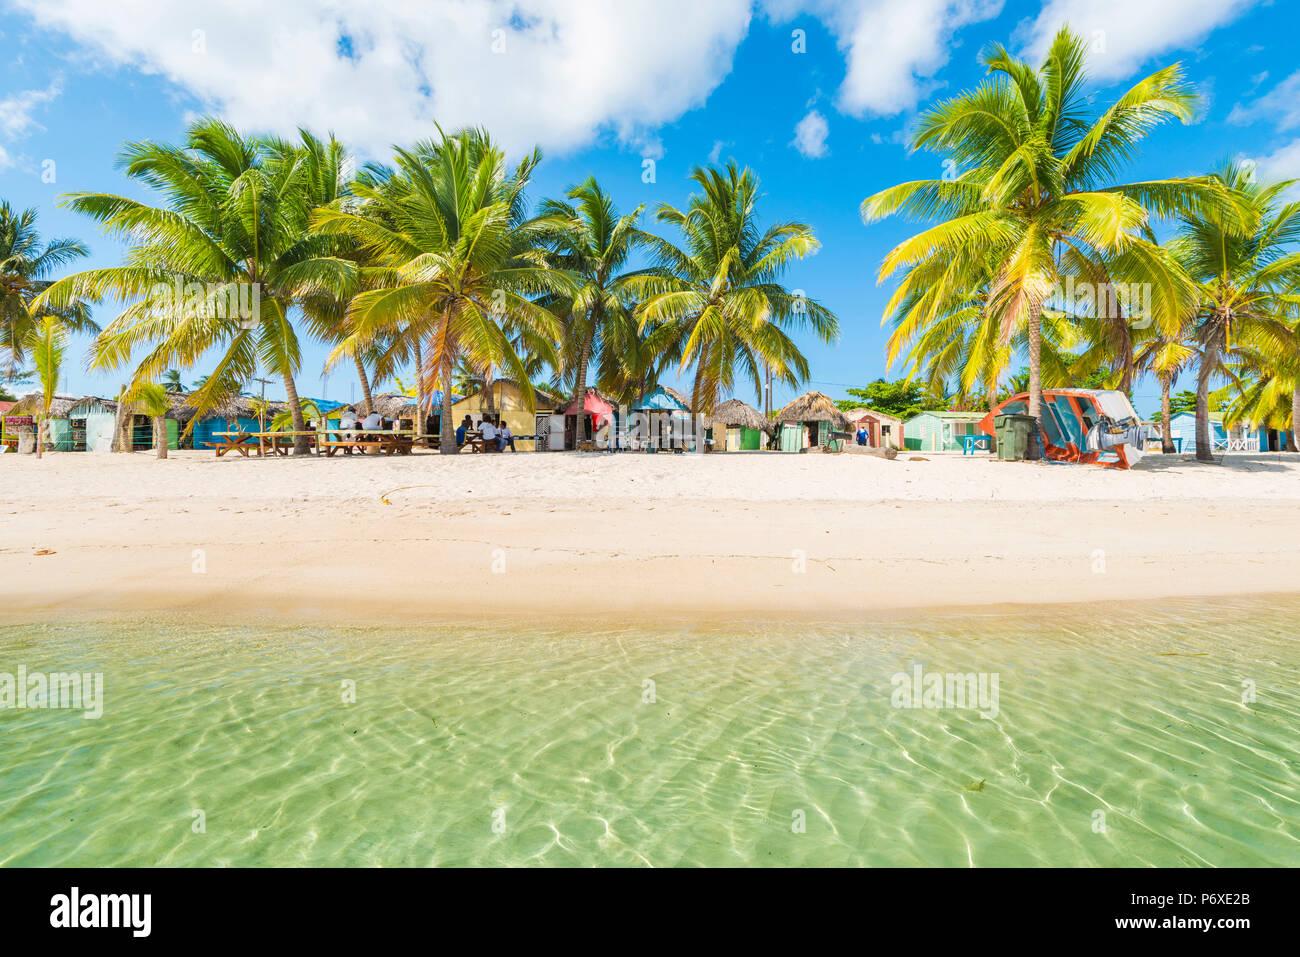 Juan Mano, l'île de Saona, à l'Est Parc National (Parque Nacional del Este), la République dominicaine, la mer des Caraïbes. Banque D'Images